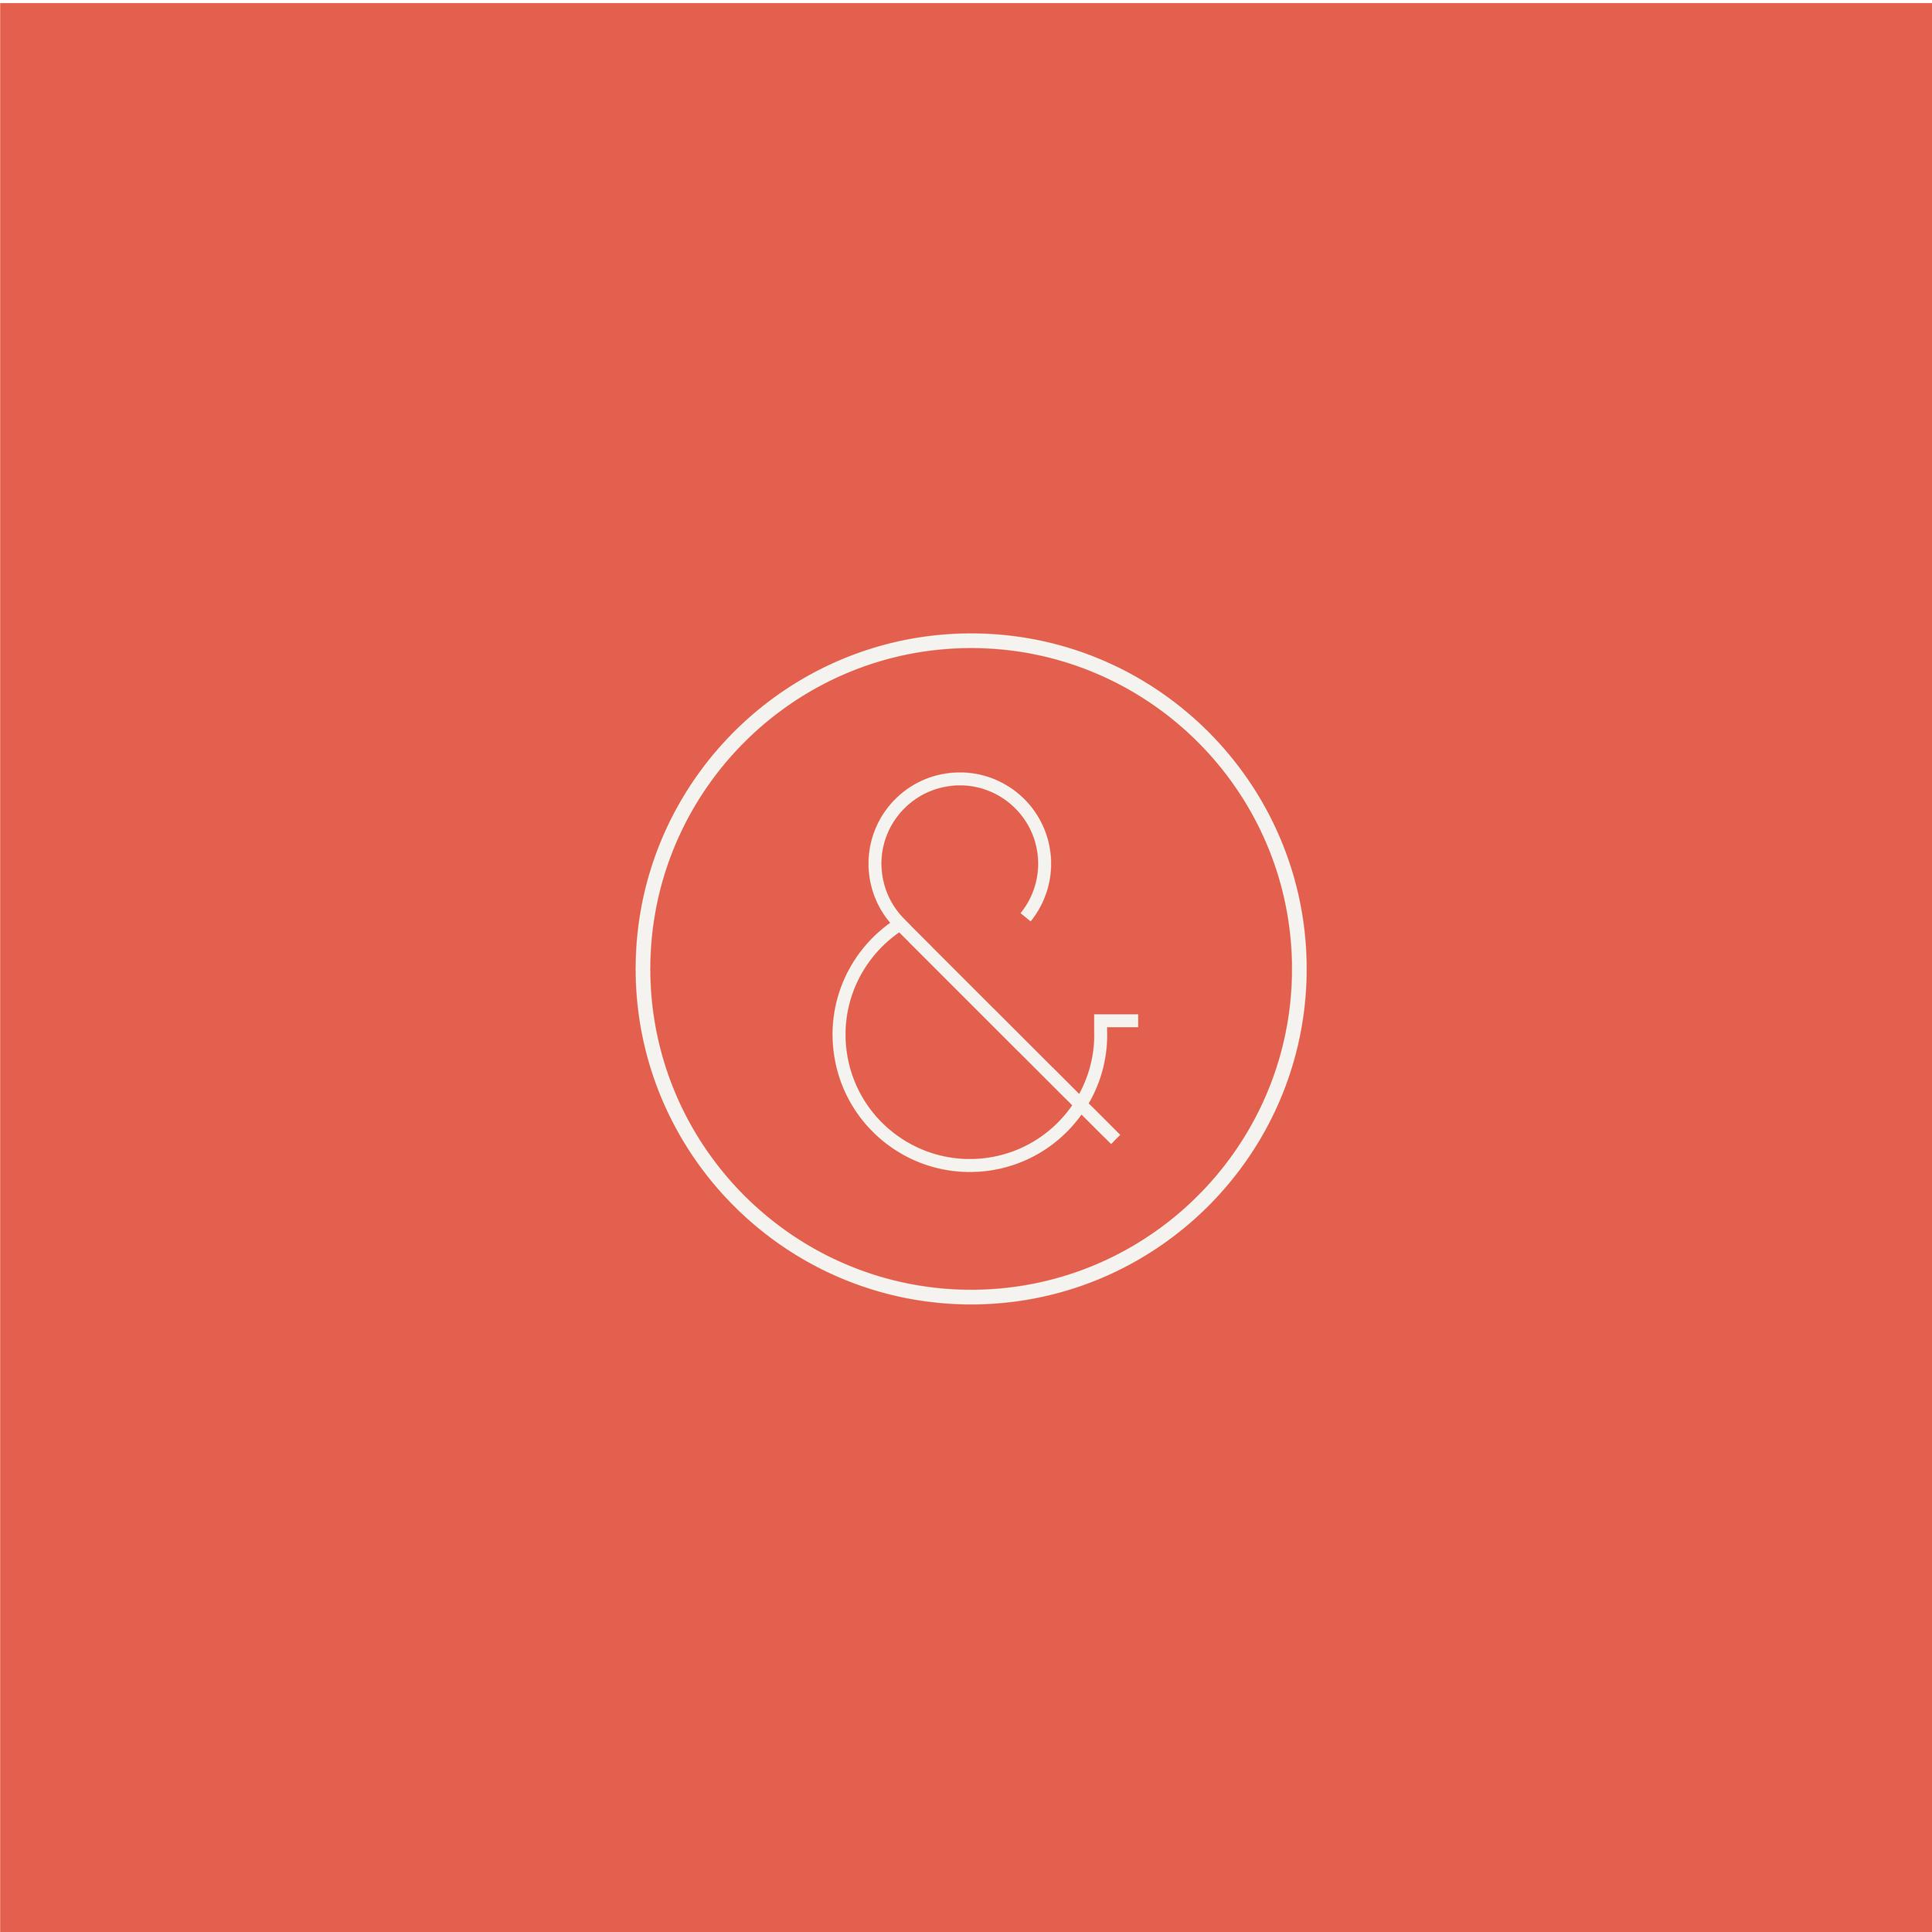 Ampersand-Brand-Details-06.png